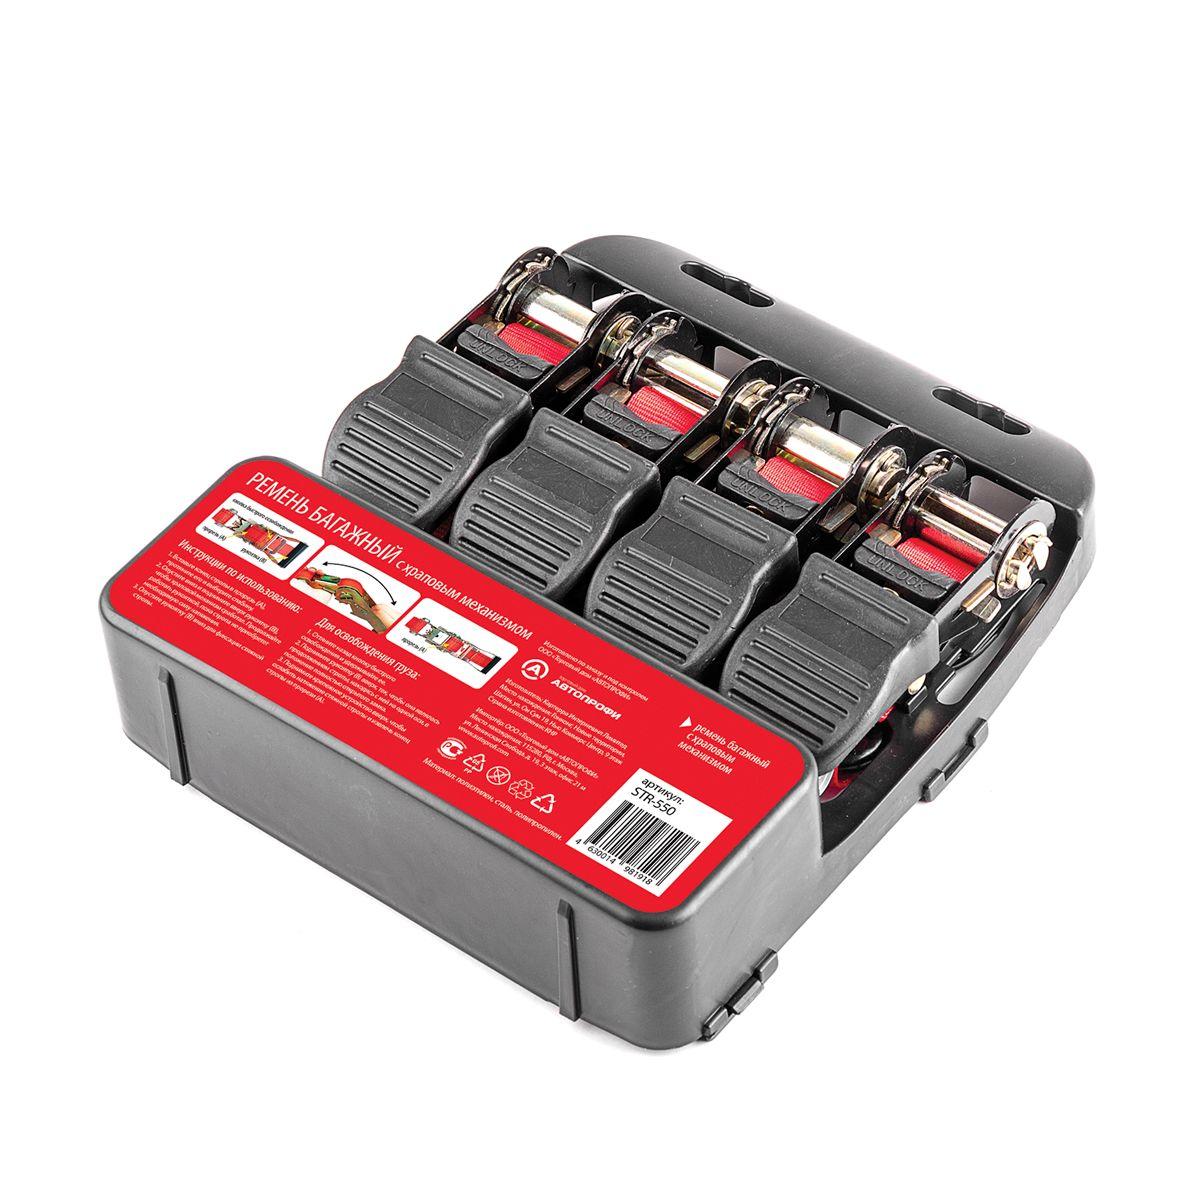 Ремень багажный Autoprofi, с храповым механизмом, 2,5 см, 4,5 м, 4 штSTR-550Стяжки для крепления груза Autoprofi позволят зафиксировать даже негабаритный багаж и предотвратить его повреждение при перевозке. Они могут применяться как в автомобиле, так и в остальных транспортных средствах. Кроме того, стяжки находят широкое применение в хозяйственно-бытовых нуждах. Например, с помощью стяжек груза можно закрепить багажник на автомобиле, сноуборд, доски для серфинга, строительный материал и многое другое. Длина: 4,5 м. Ширина: 2,5 см. Прочность на разрыв: 550 кг.